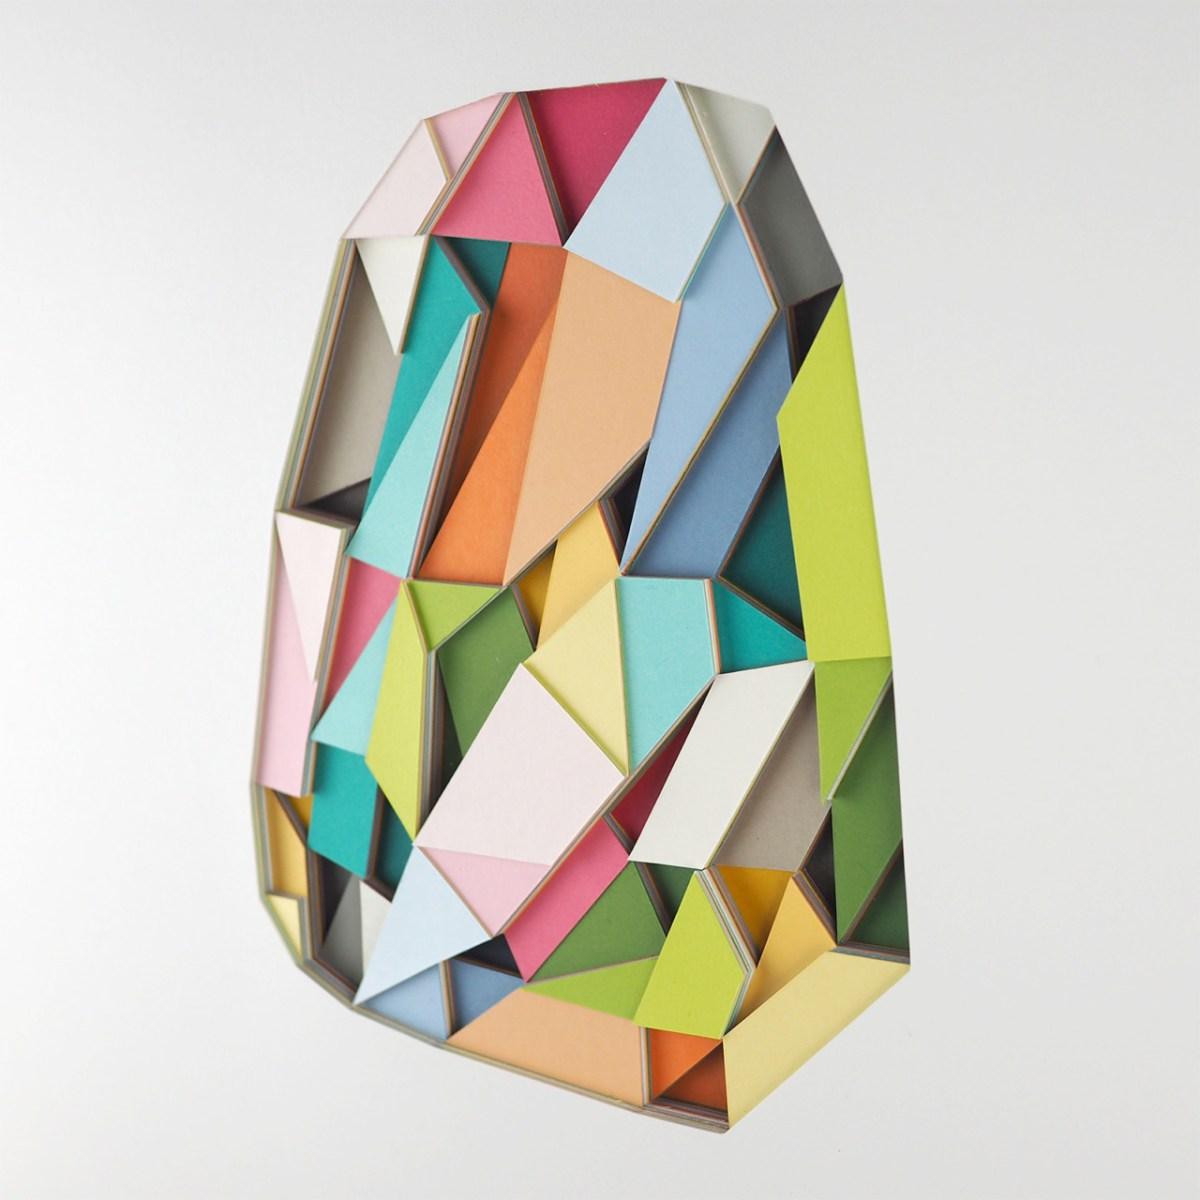 cut-paper-art-huntz-liu-1